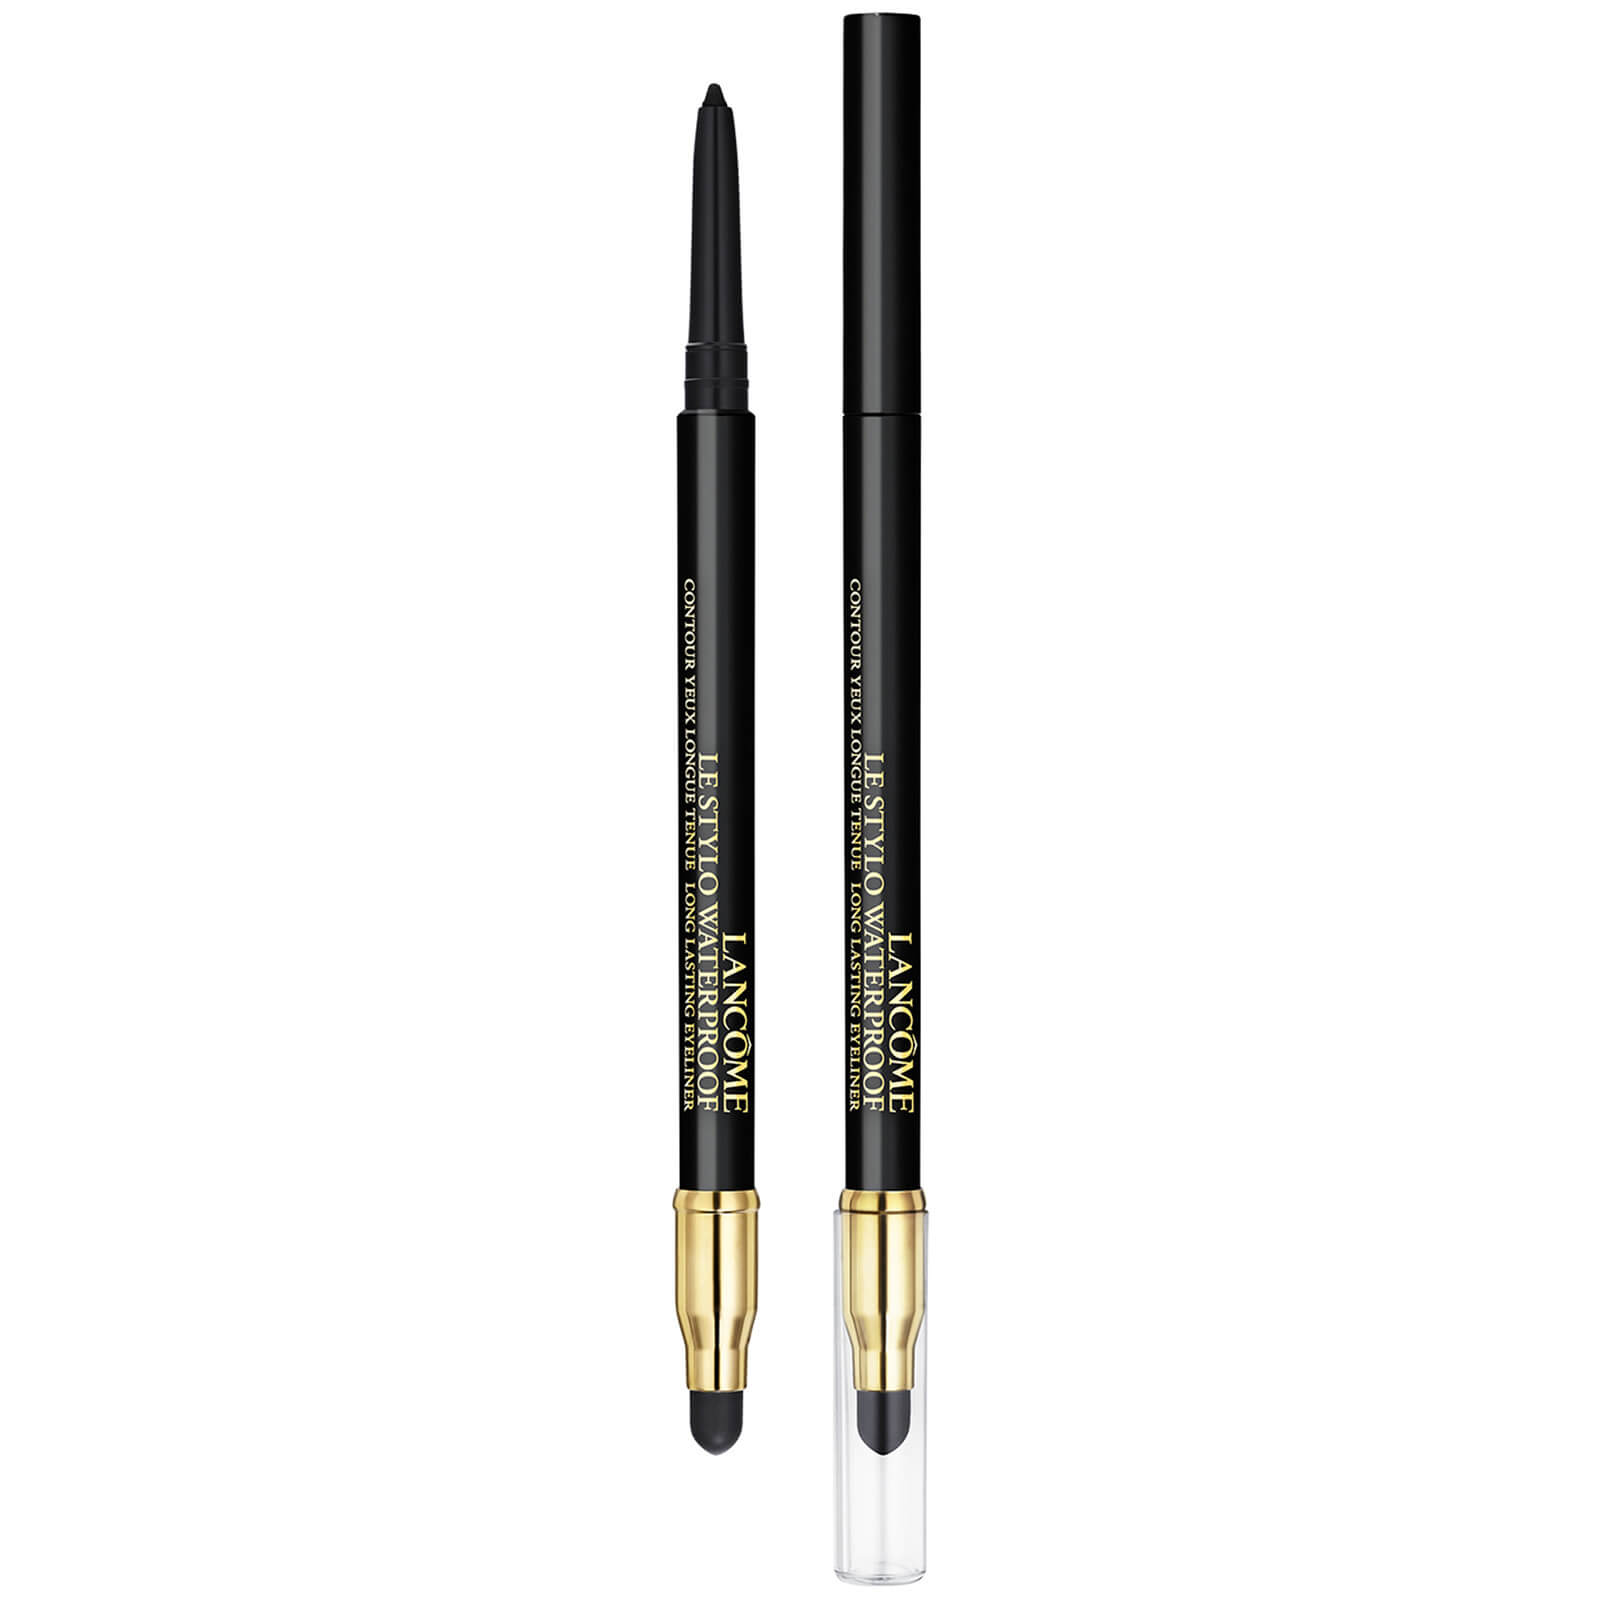 Купить Водостойкий карандаш для глаз Lancôme Le Stylo Waterproof (различные оттенки) - 02 Noir Intense